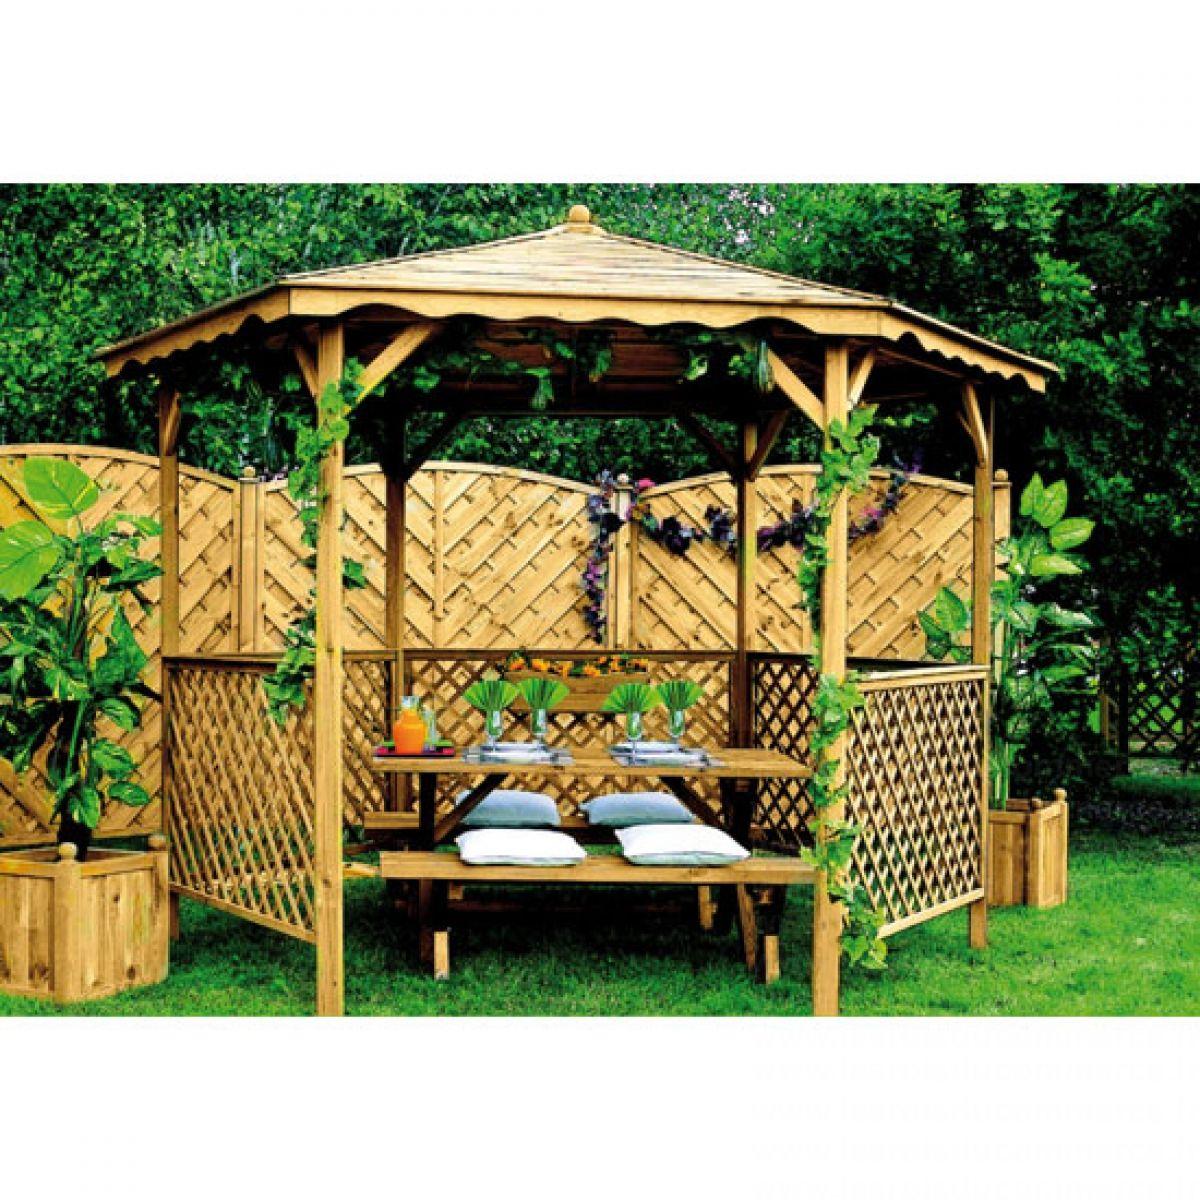 Kiosque De Jardin   Kiosque Jardin, Jardins En Bois Et ... dedans Abris De Jardin Carrefour